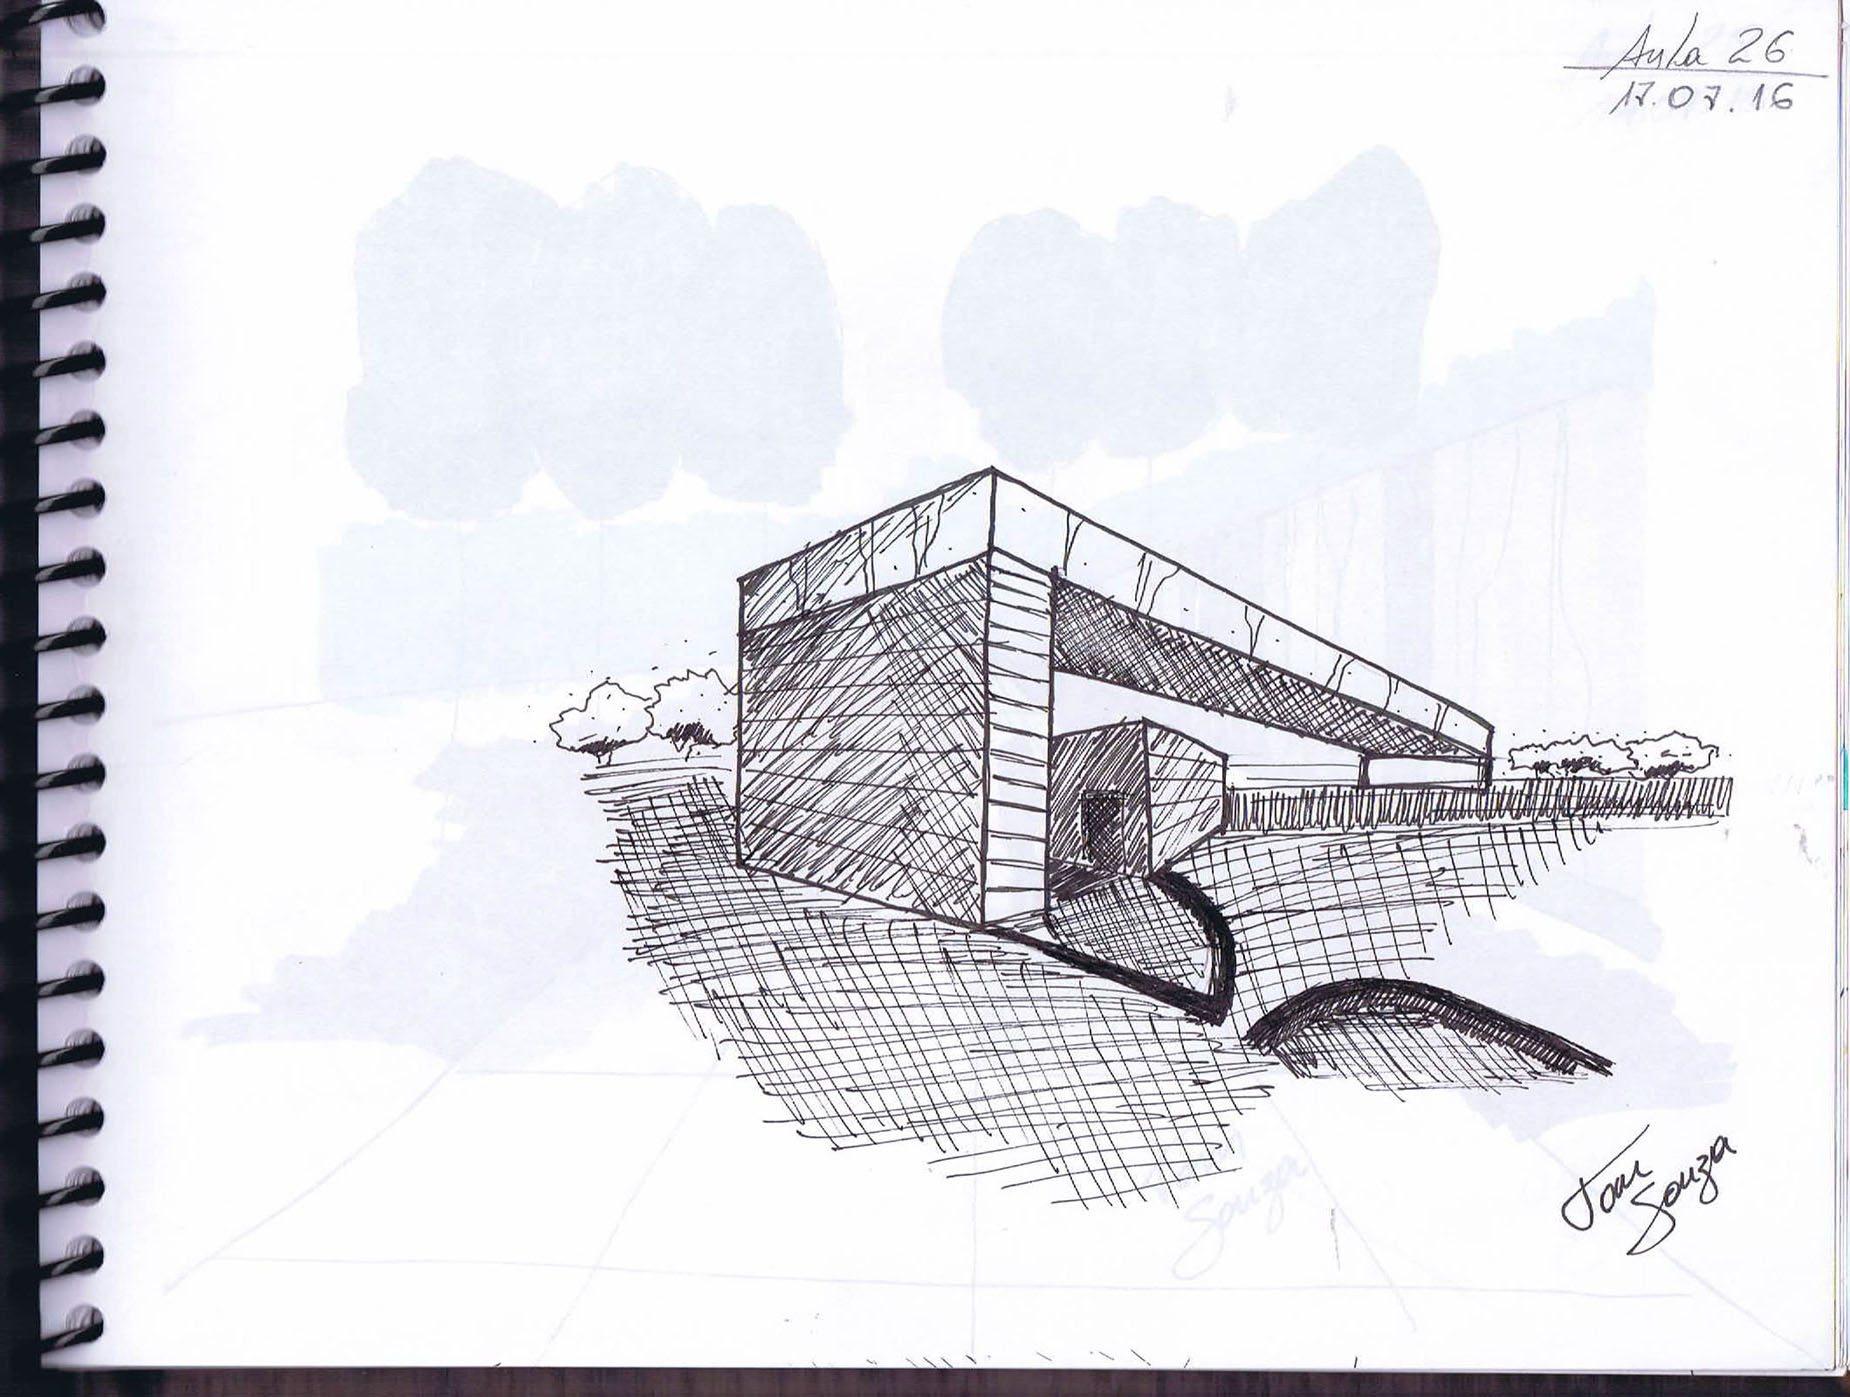 Trabalhos de Perspectiva a Mão Livre Anderson De Souza Ferreira